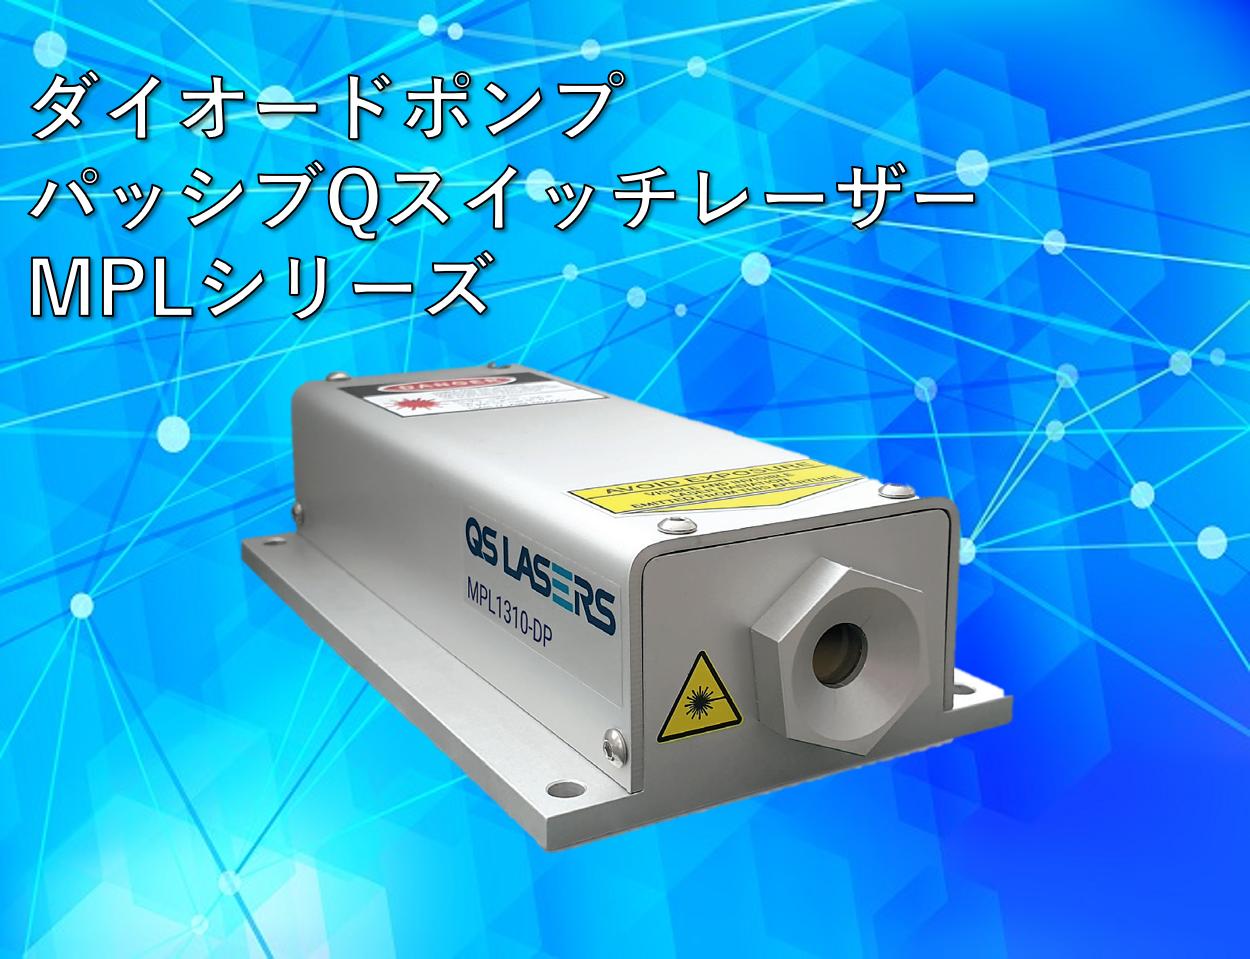 ダイオード励起サブナノ秒レーザー MPLシリーズ